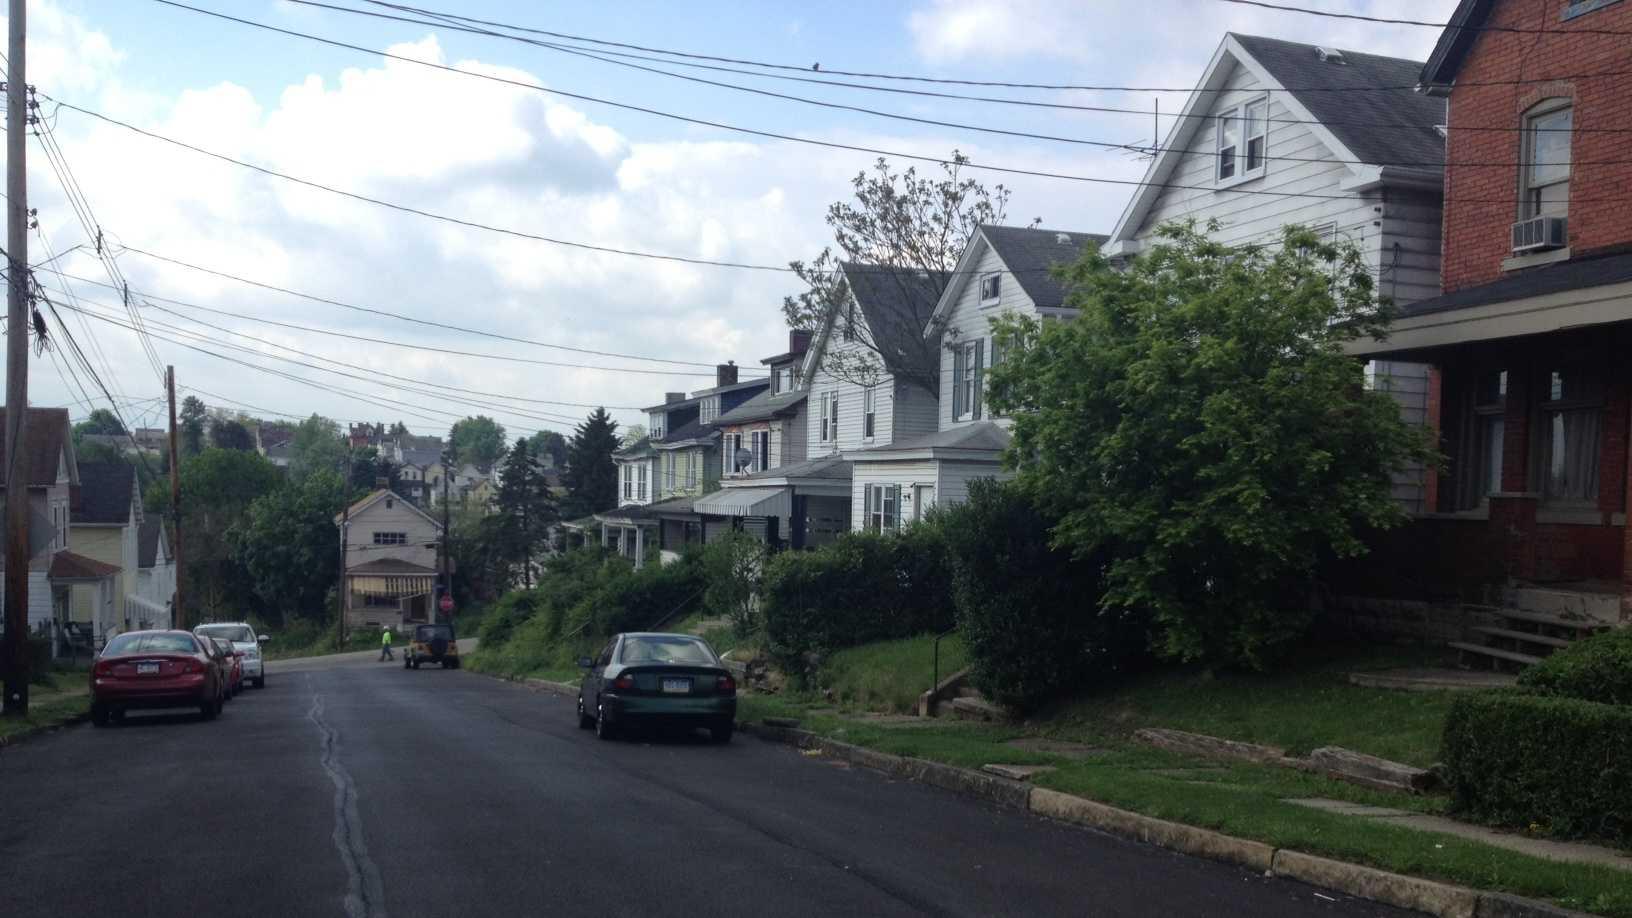 Hamilton Street in McKeesport